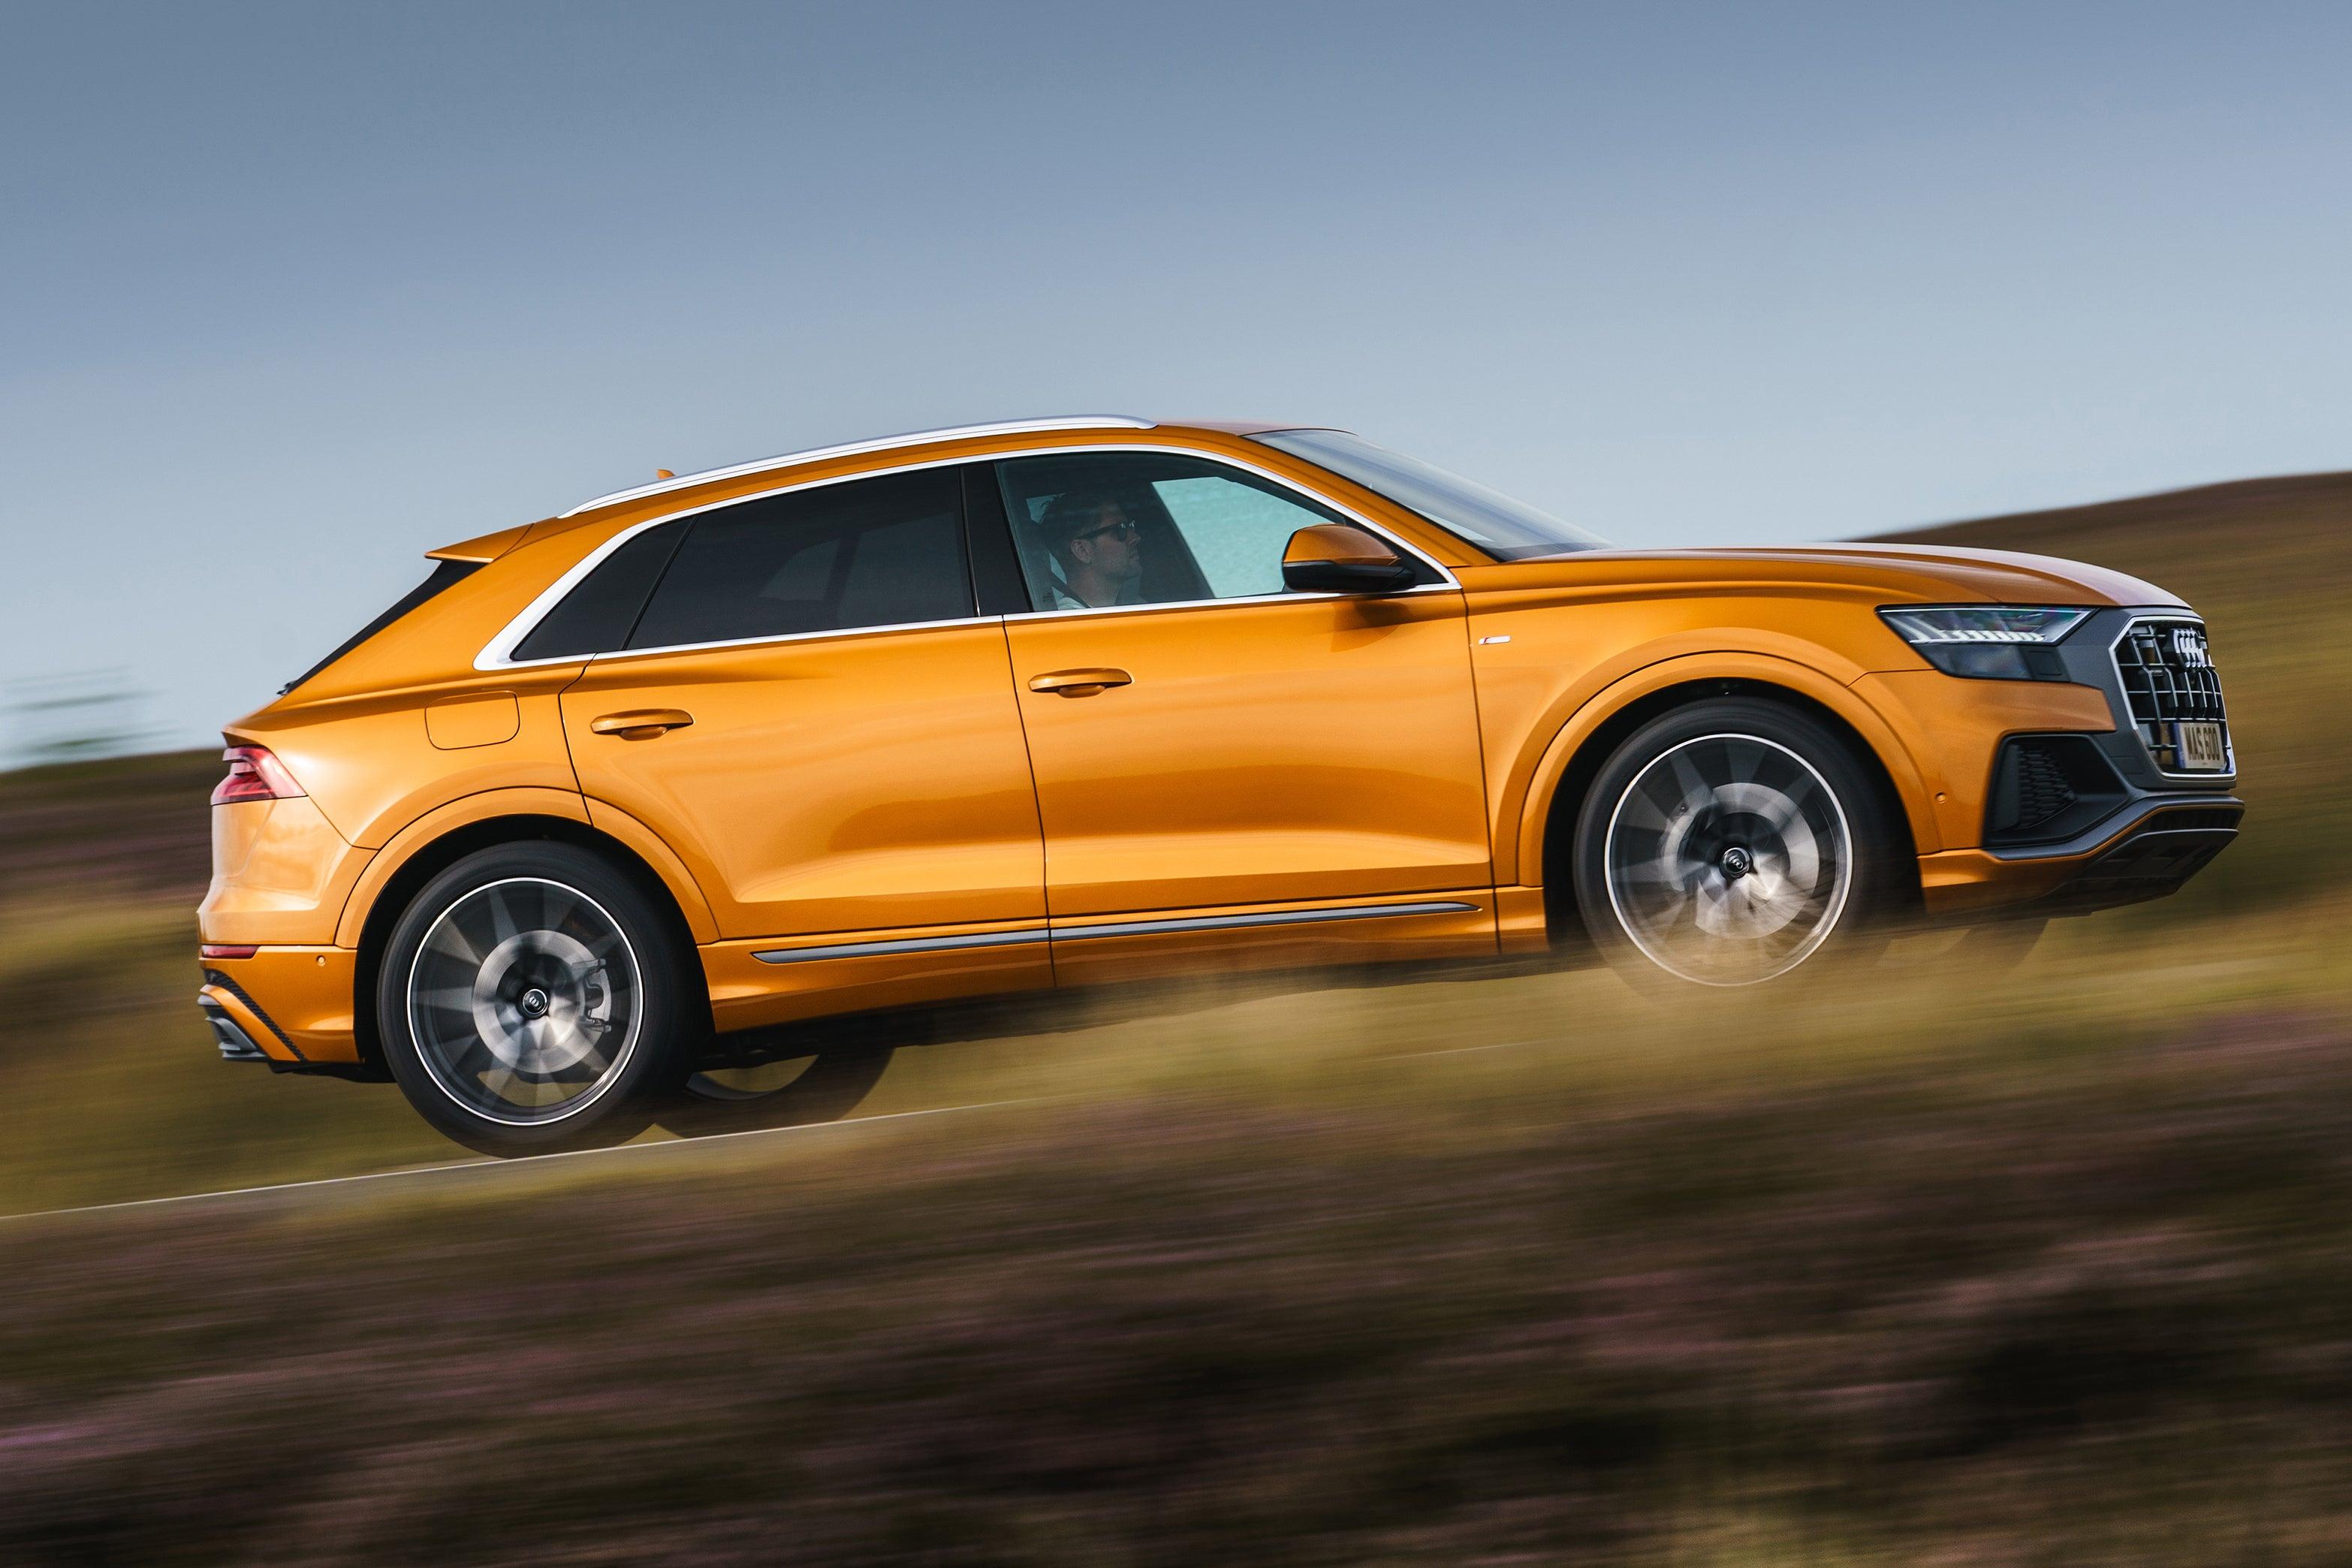 Audi Q8 Driving Side